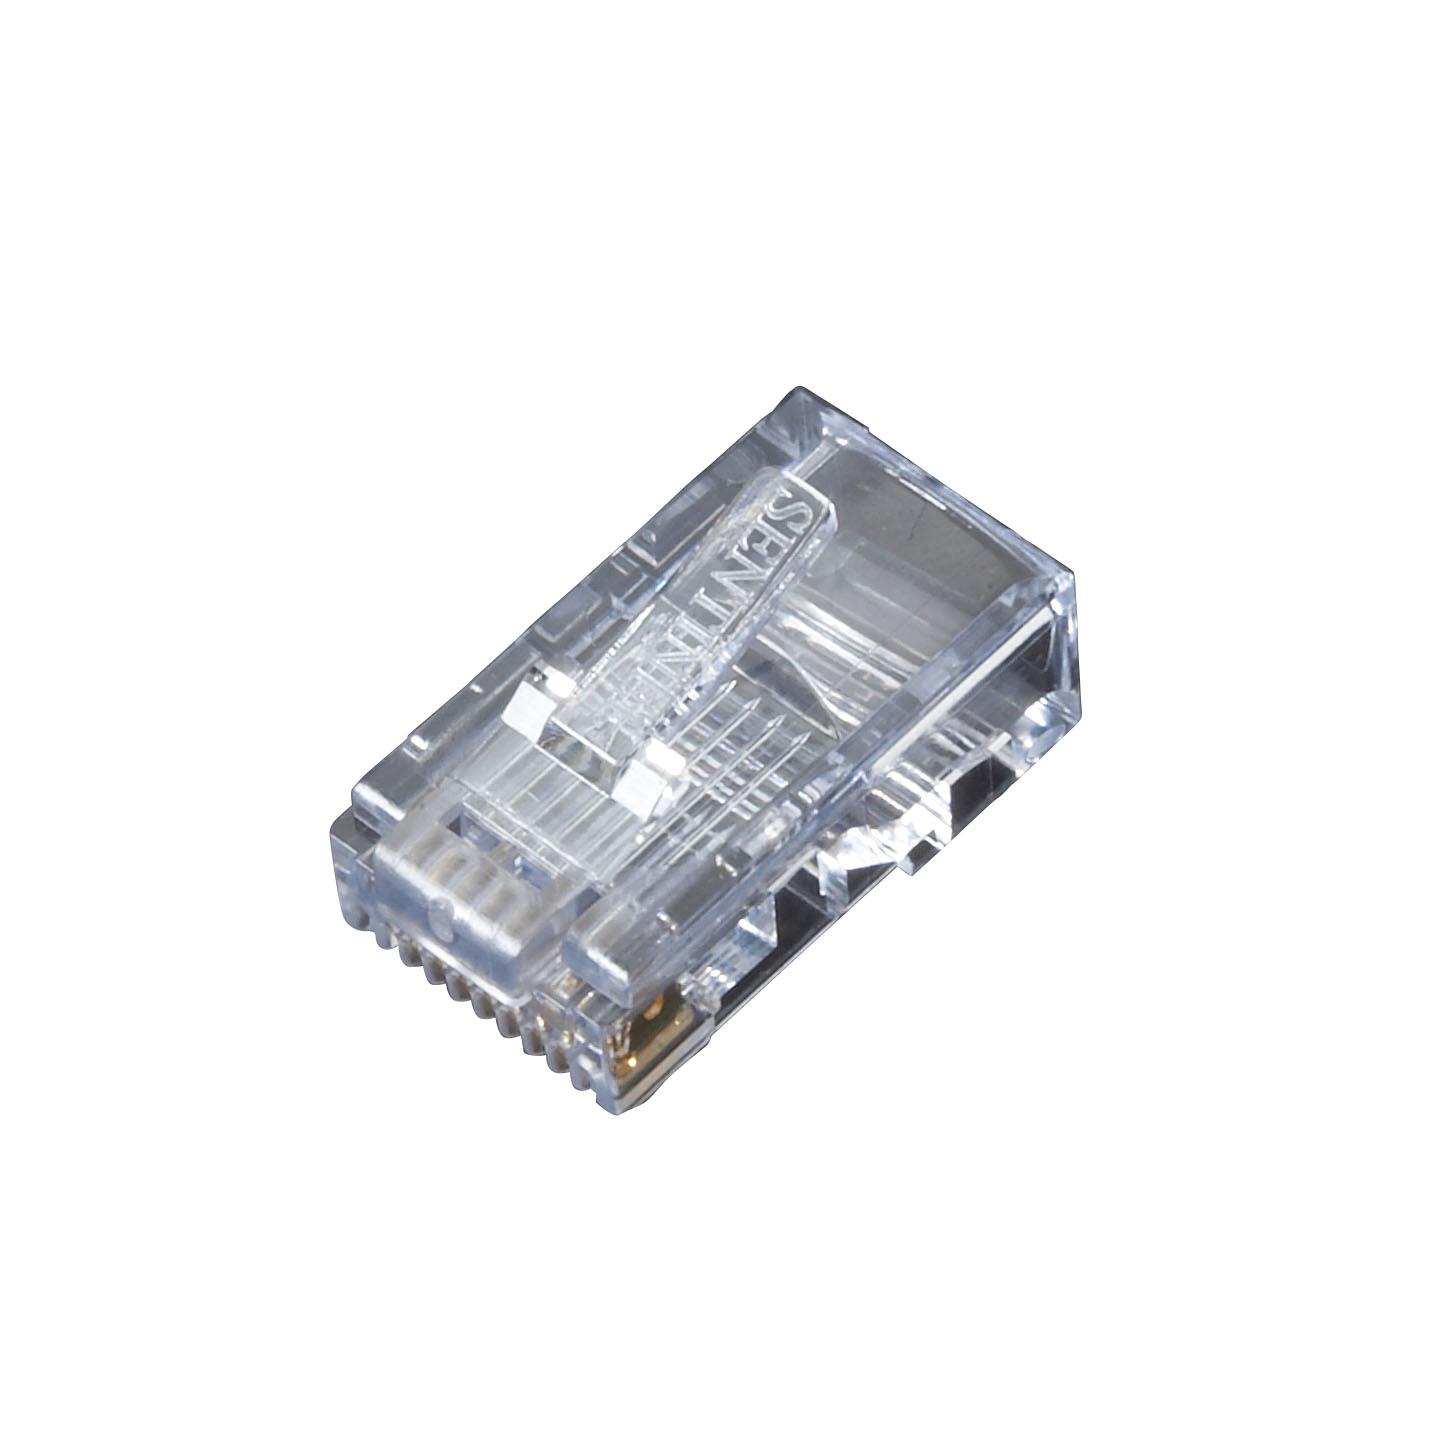 5 Packs of 10 pcs Black Box FM122-R2 10 pcs 8-Wire RJ-45 Snap-On Modular Plug